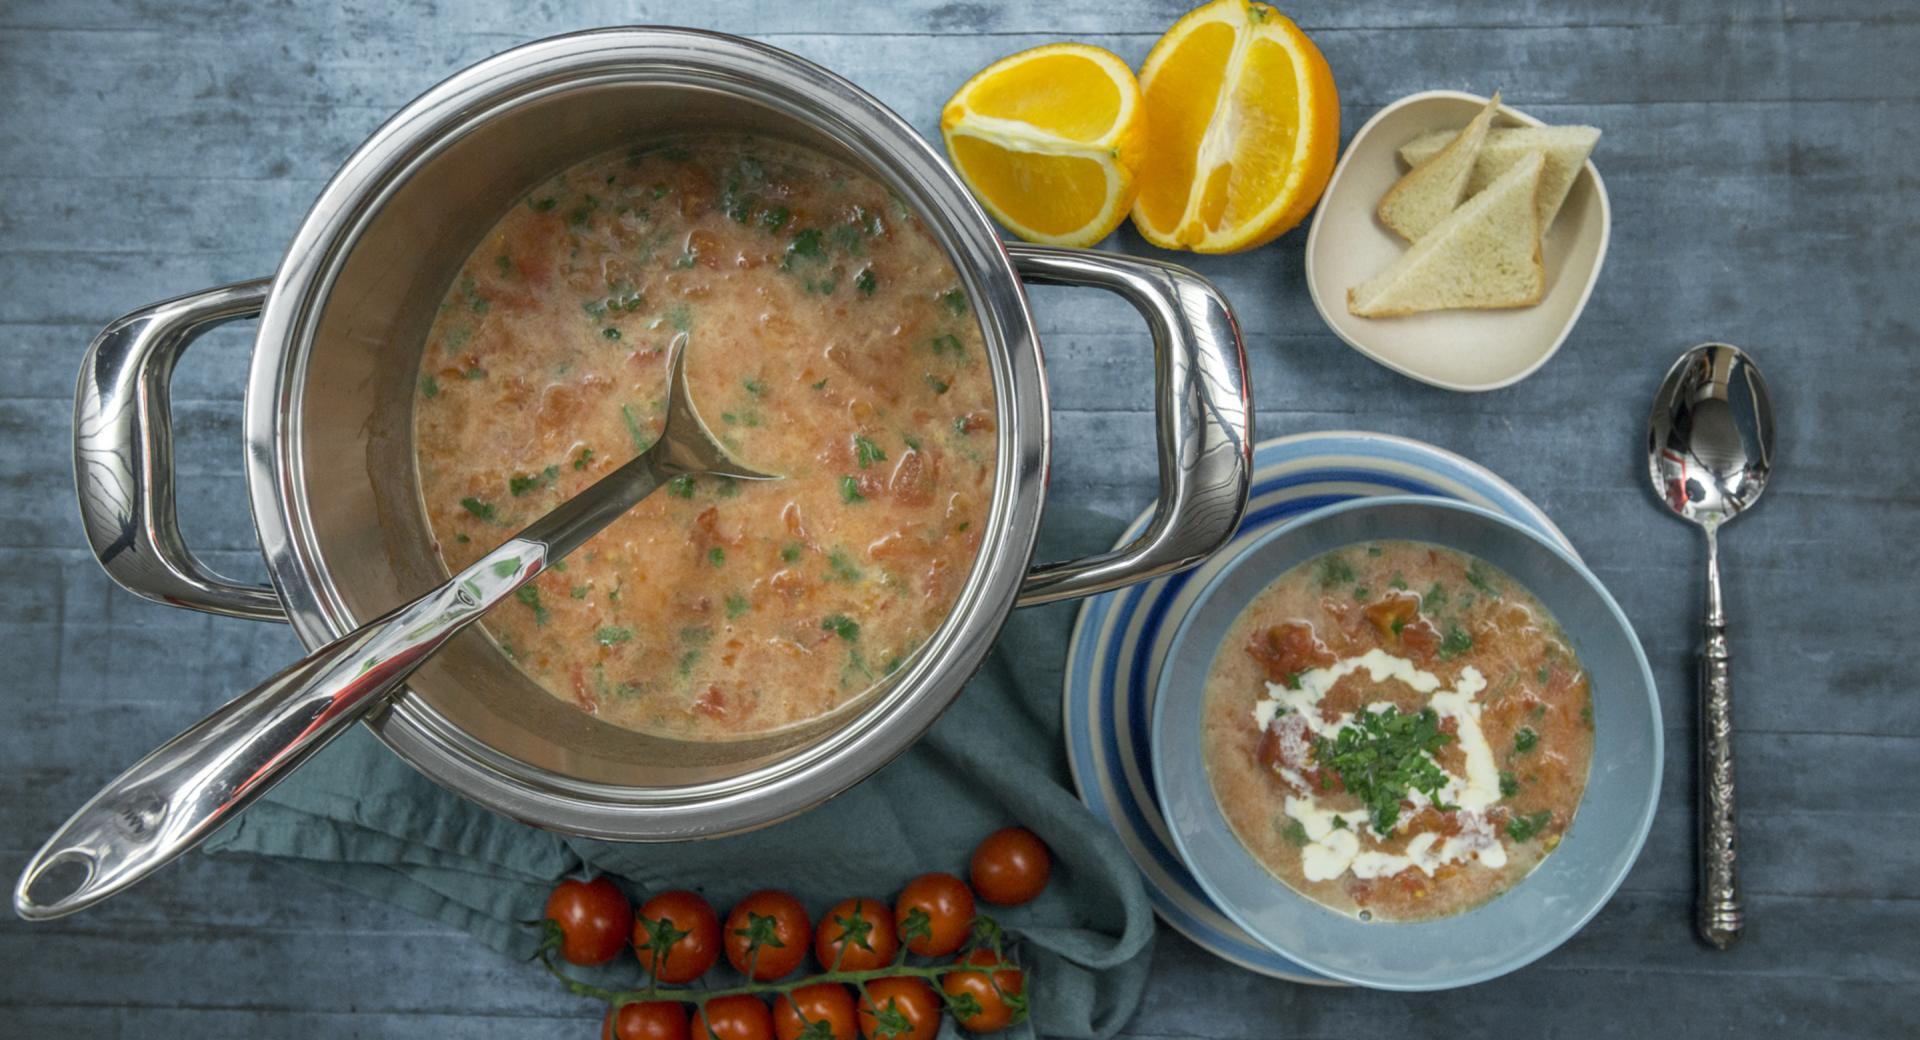 Zuppa di pomodori all'arancia